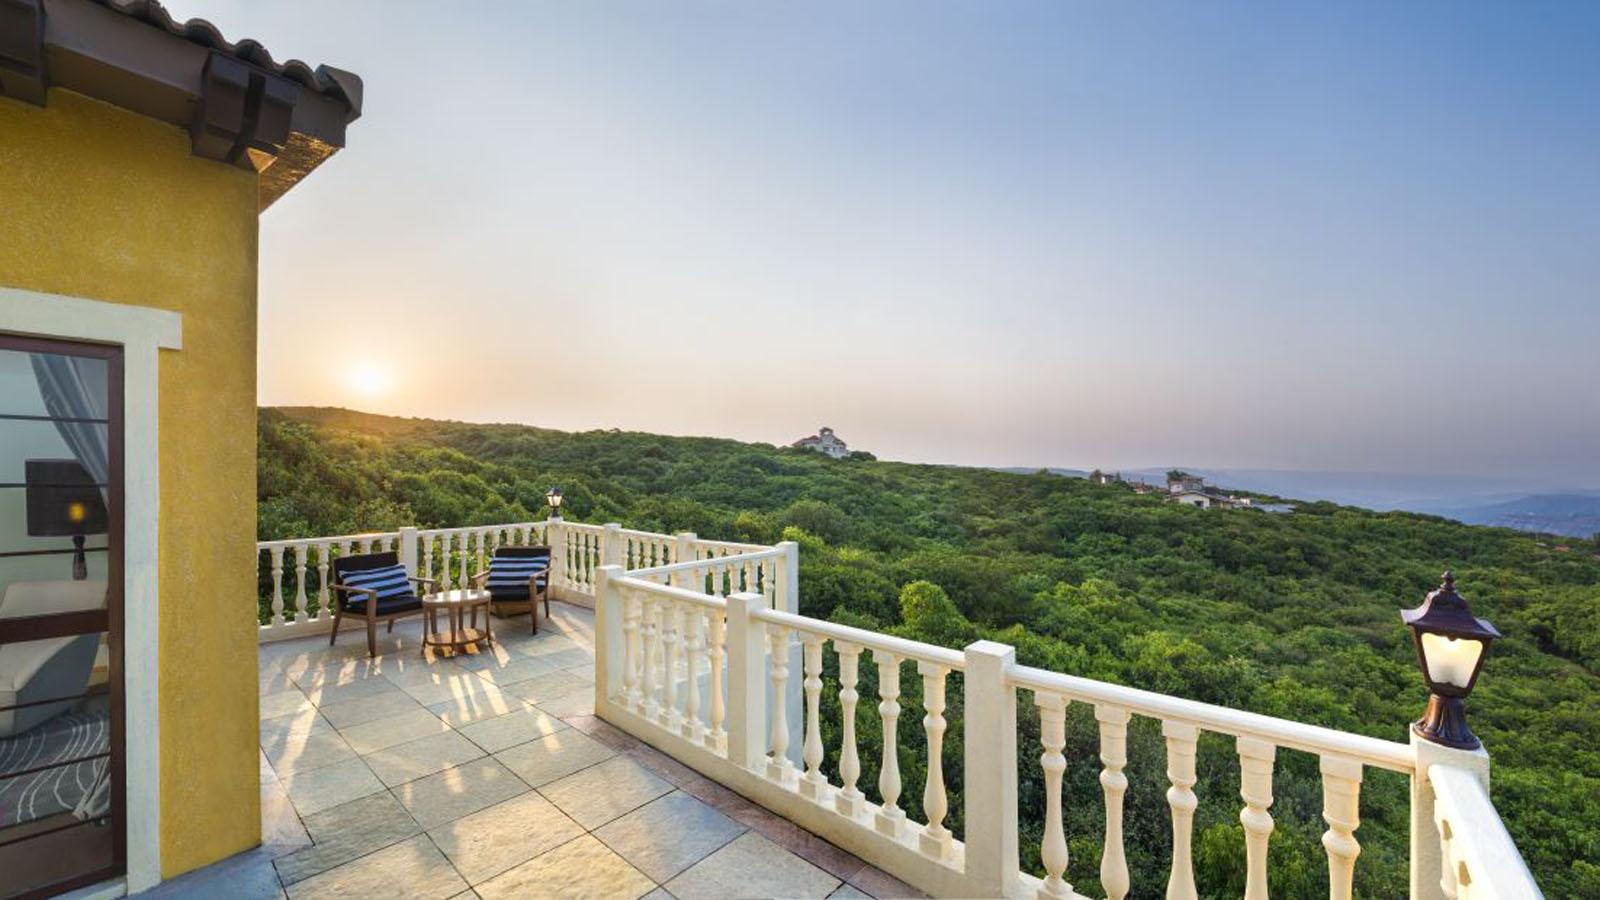 Le Meridien Mahabaleshwar Resort & Spa,Romantic Resorts Near Mumbai